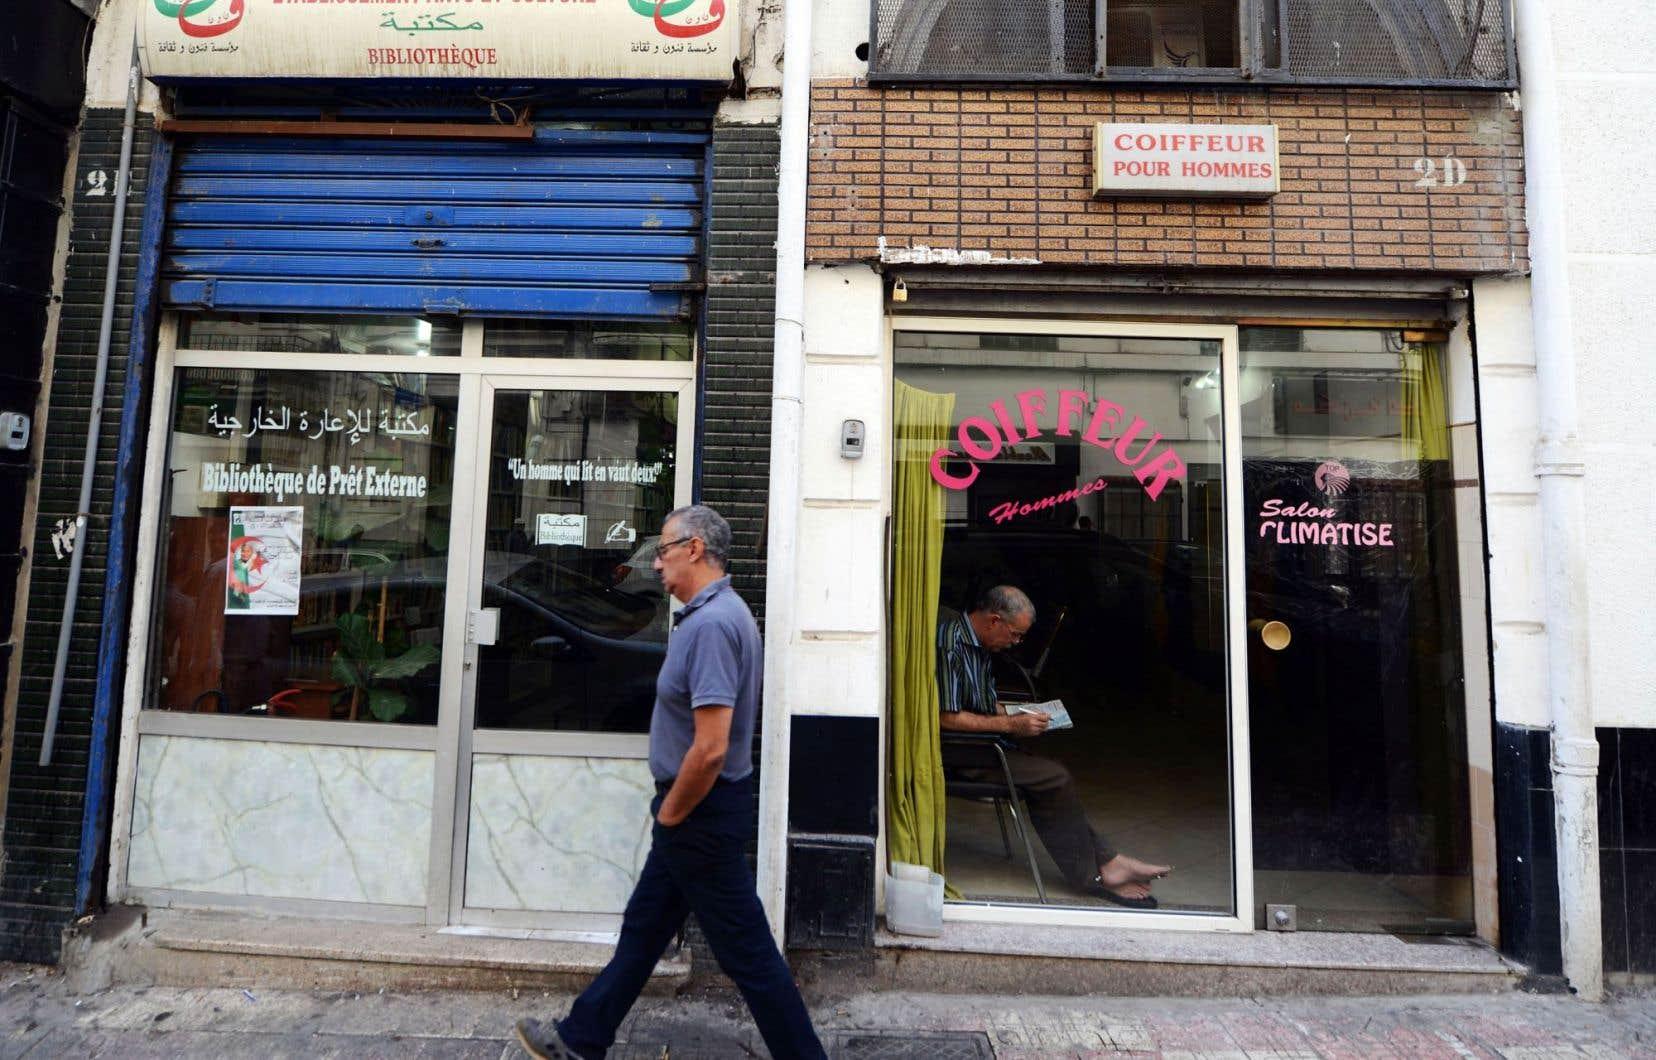 Un homme passe devant une boutique qui fut autrefois la librairie Les Vraies Richesses, fondée par Edmond Charlot, éditeur d'Albert Camus.